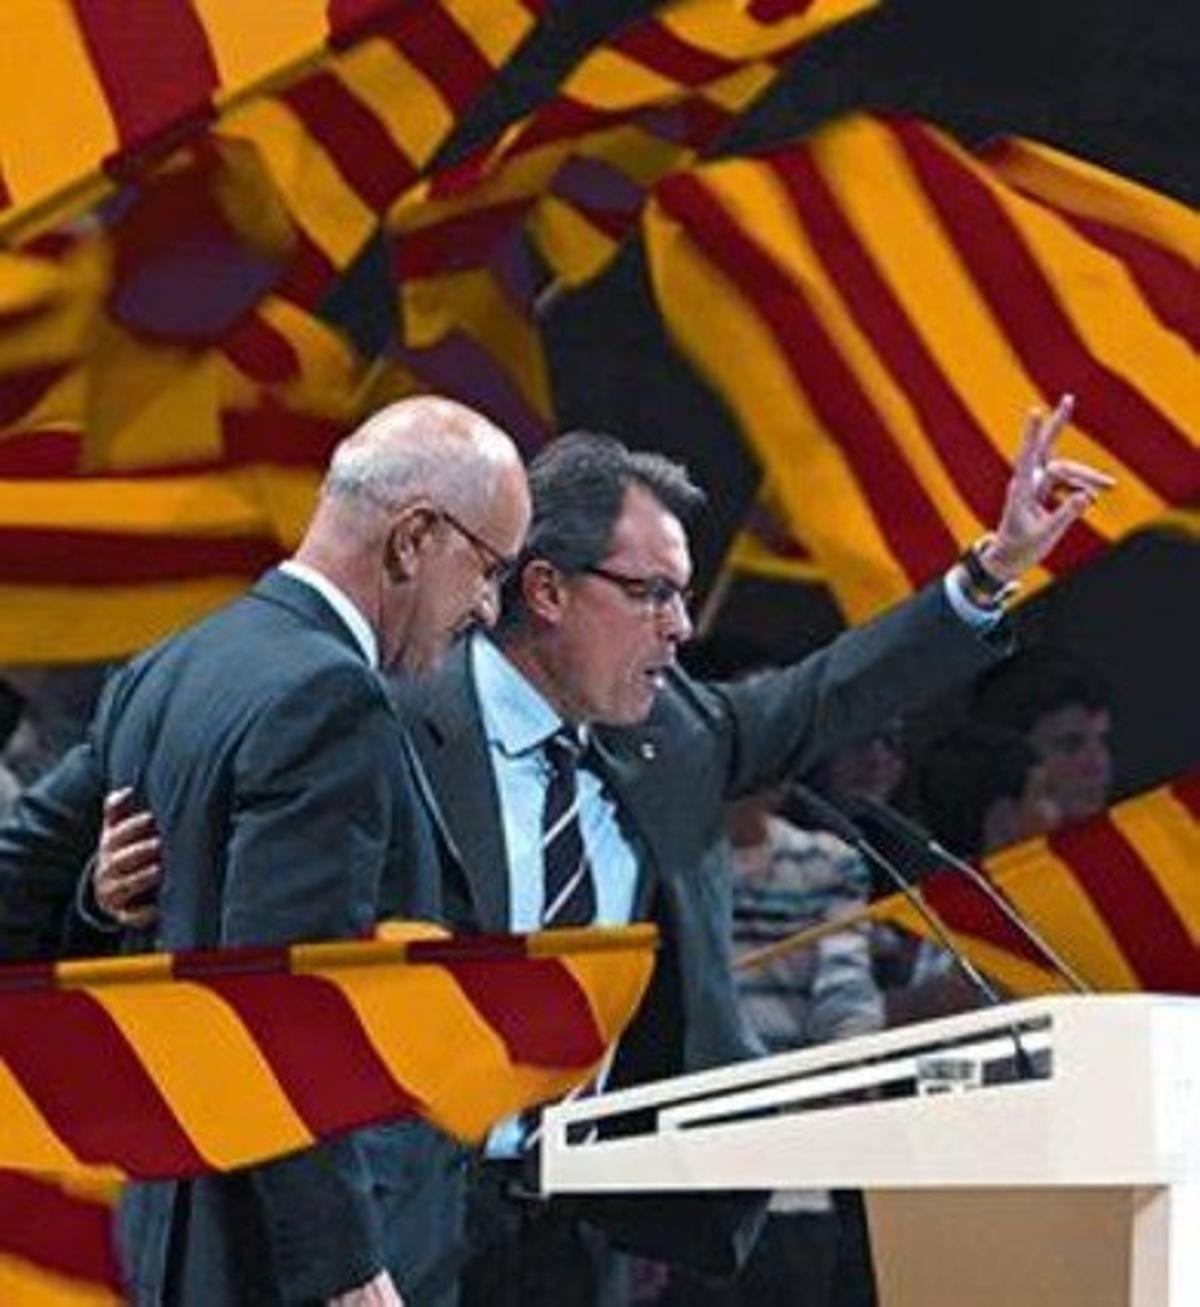 Duran y Mas saludan a los asistentes a un mitin de CiU celebrado en Girona.